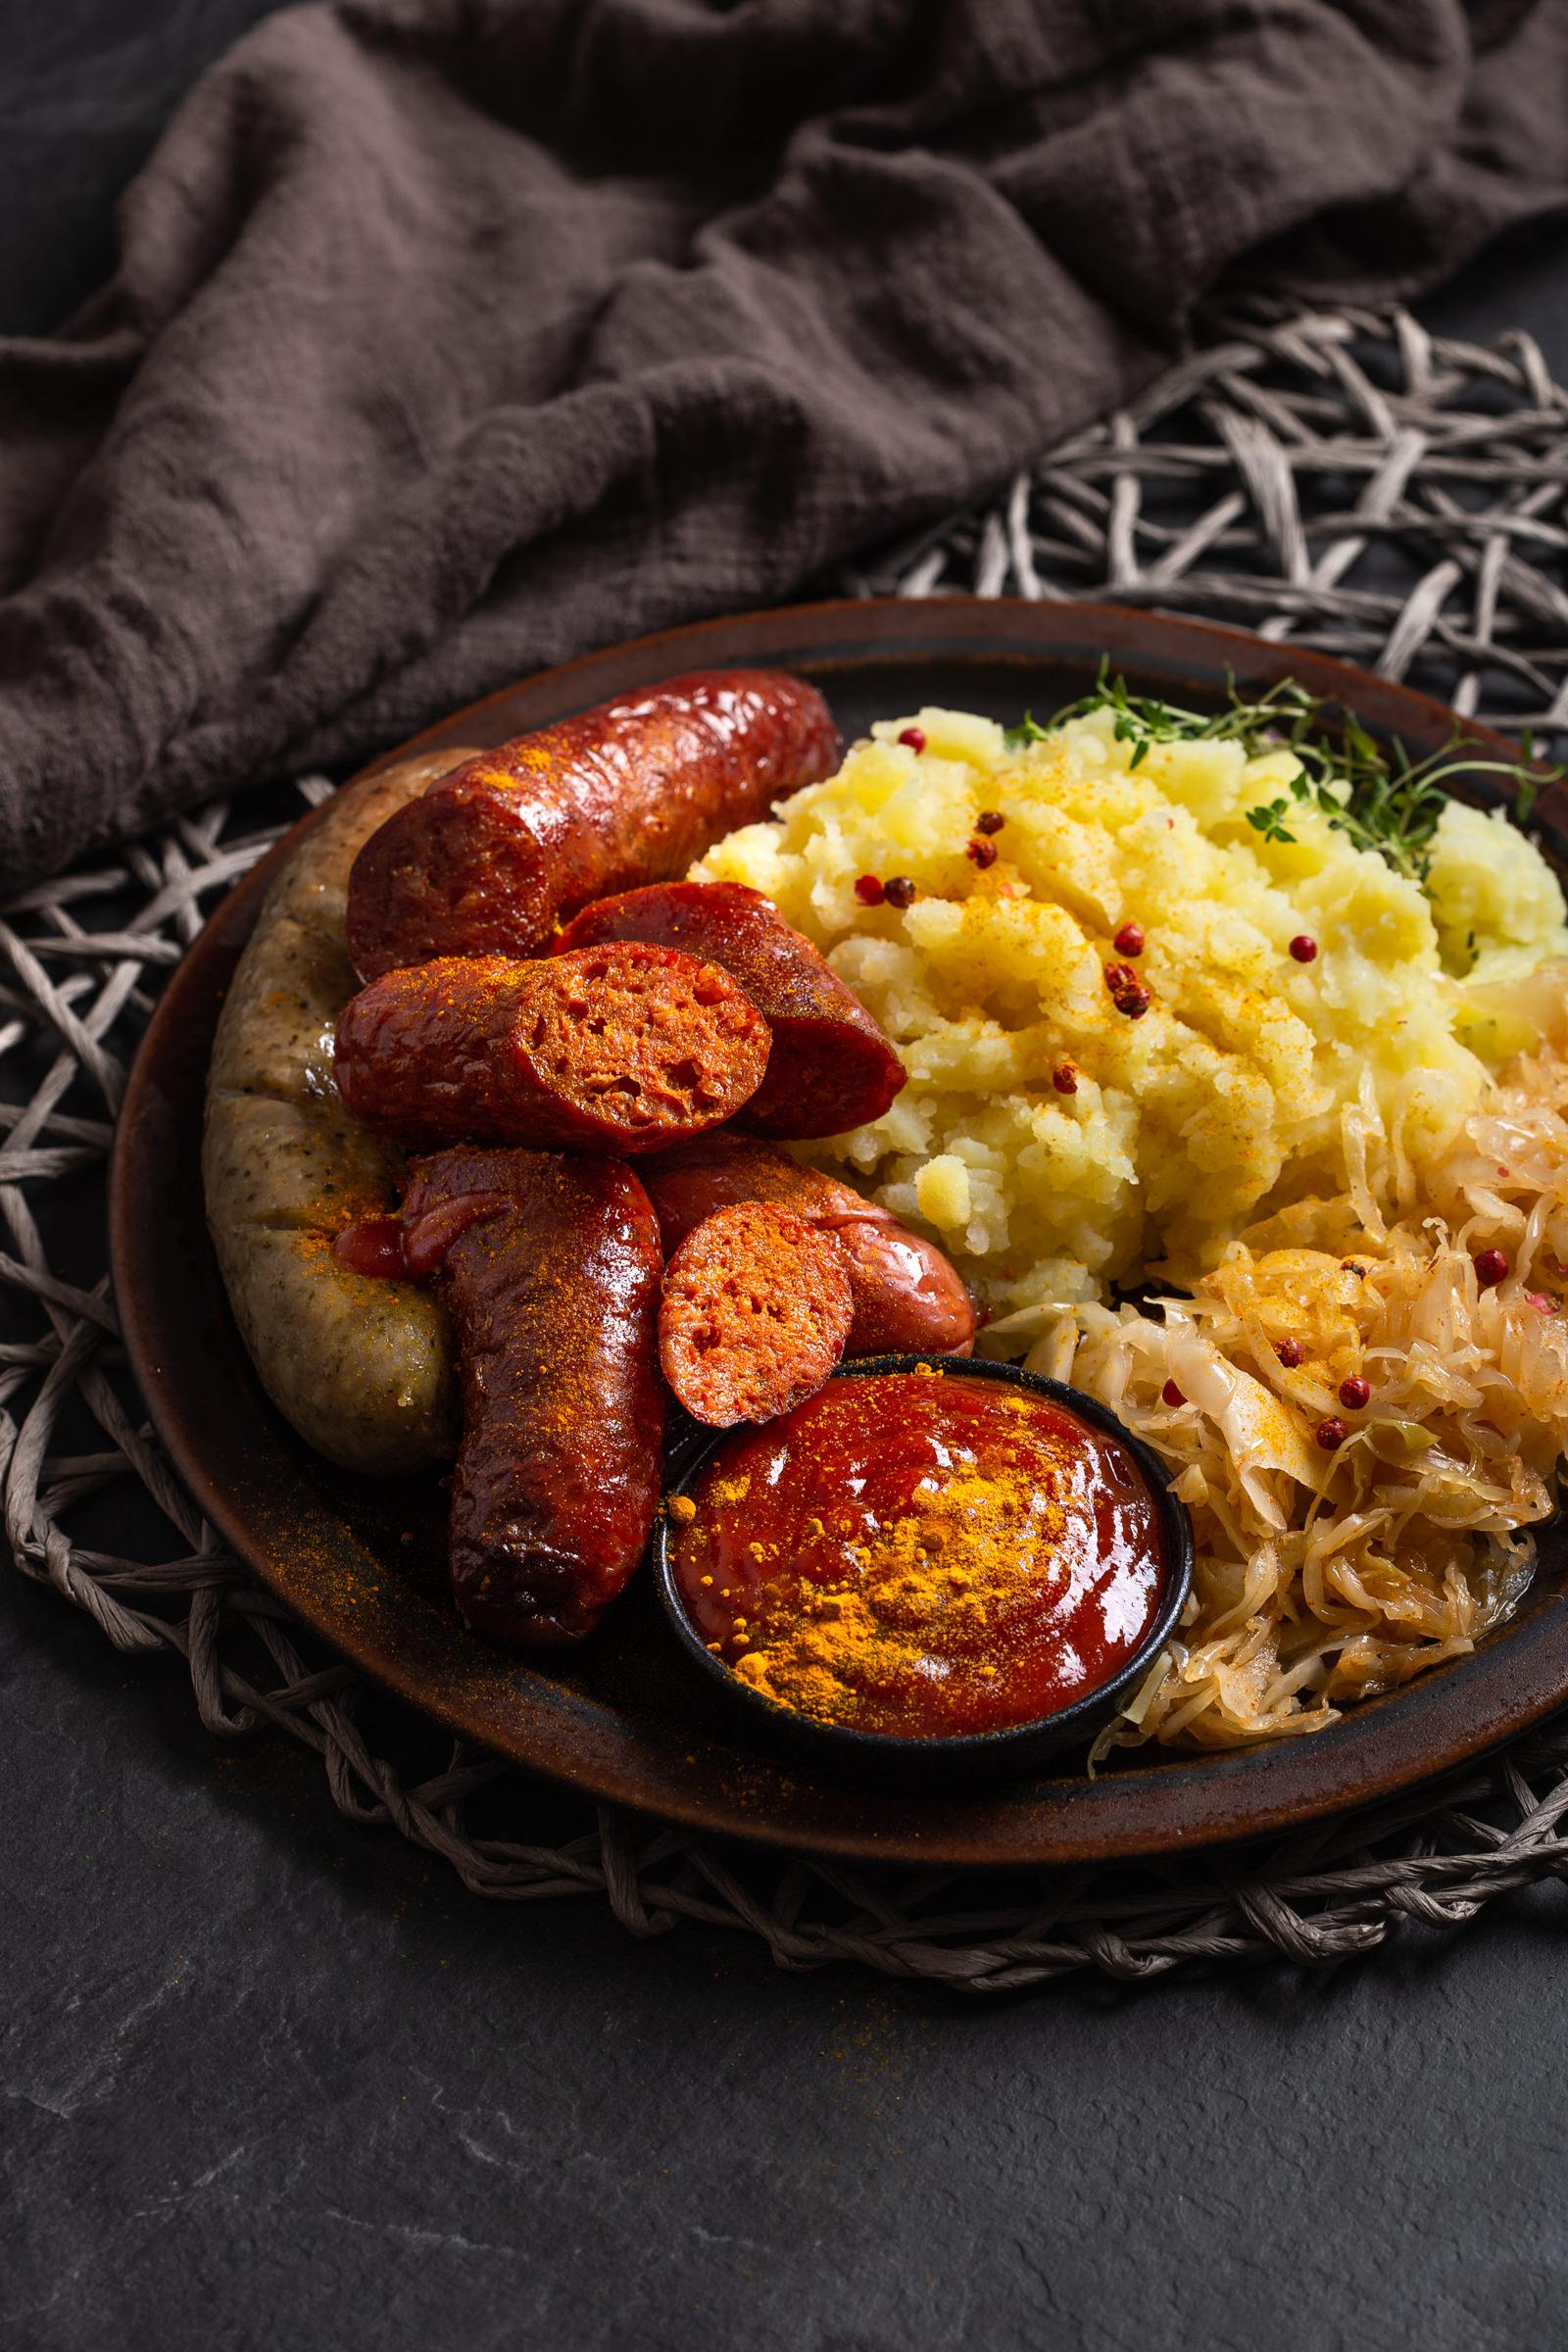 Currywurst recept popularno jelo u Berlinu Darko Kontin